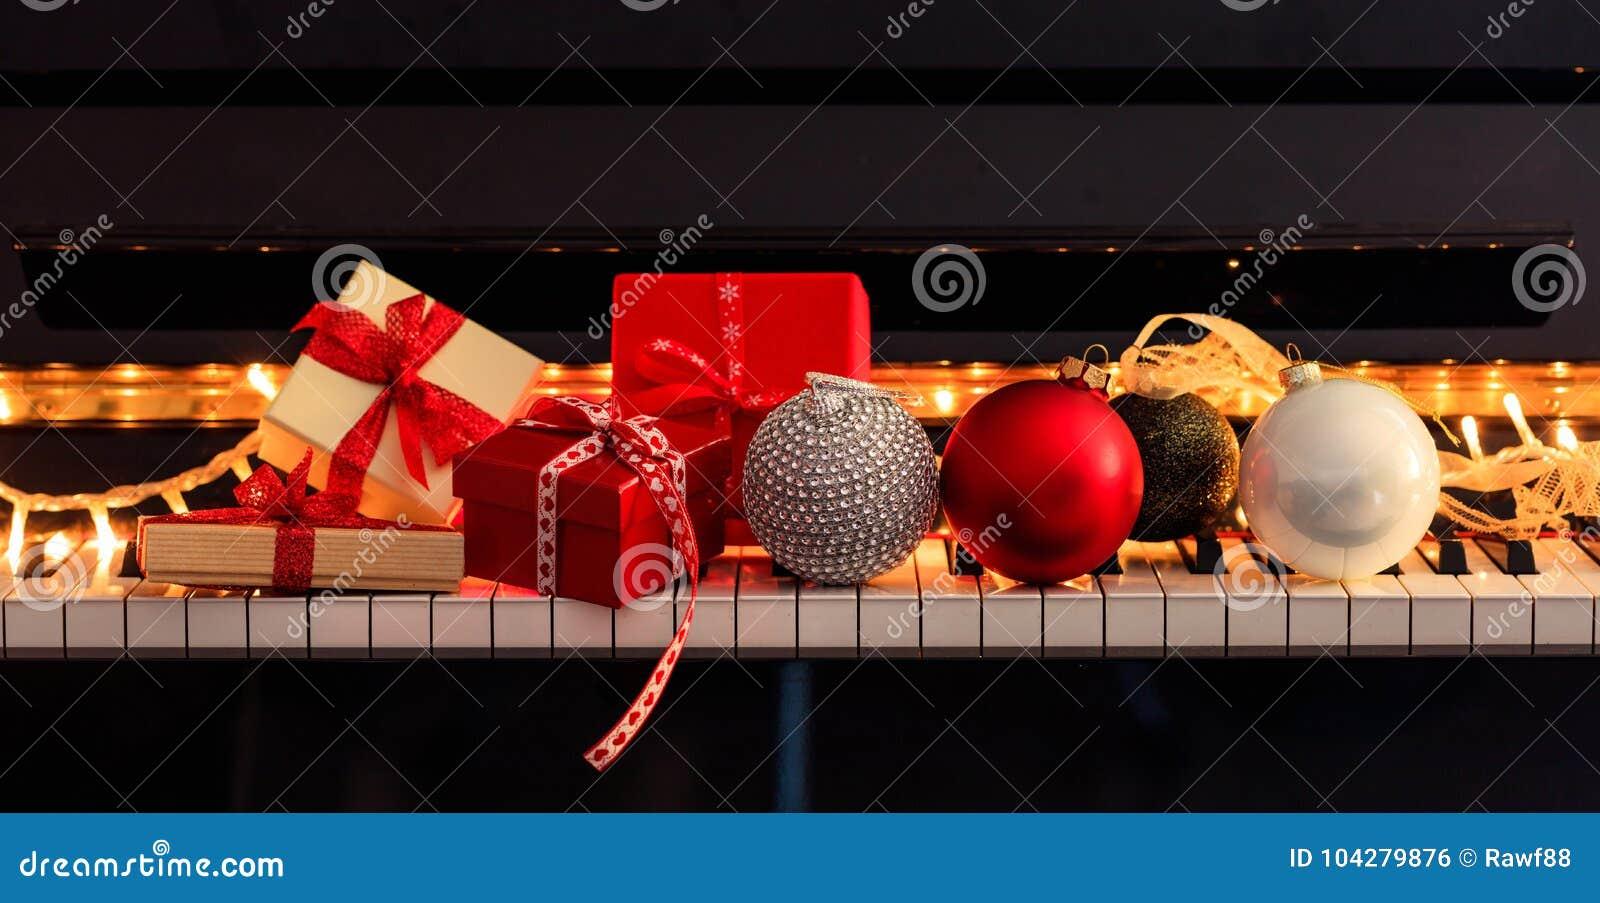 Bälle und Geschenkboxen Chritmas auf Klaviertastatur, Vorderansicht